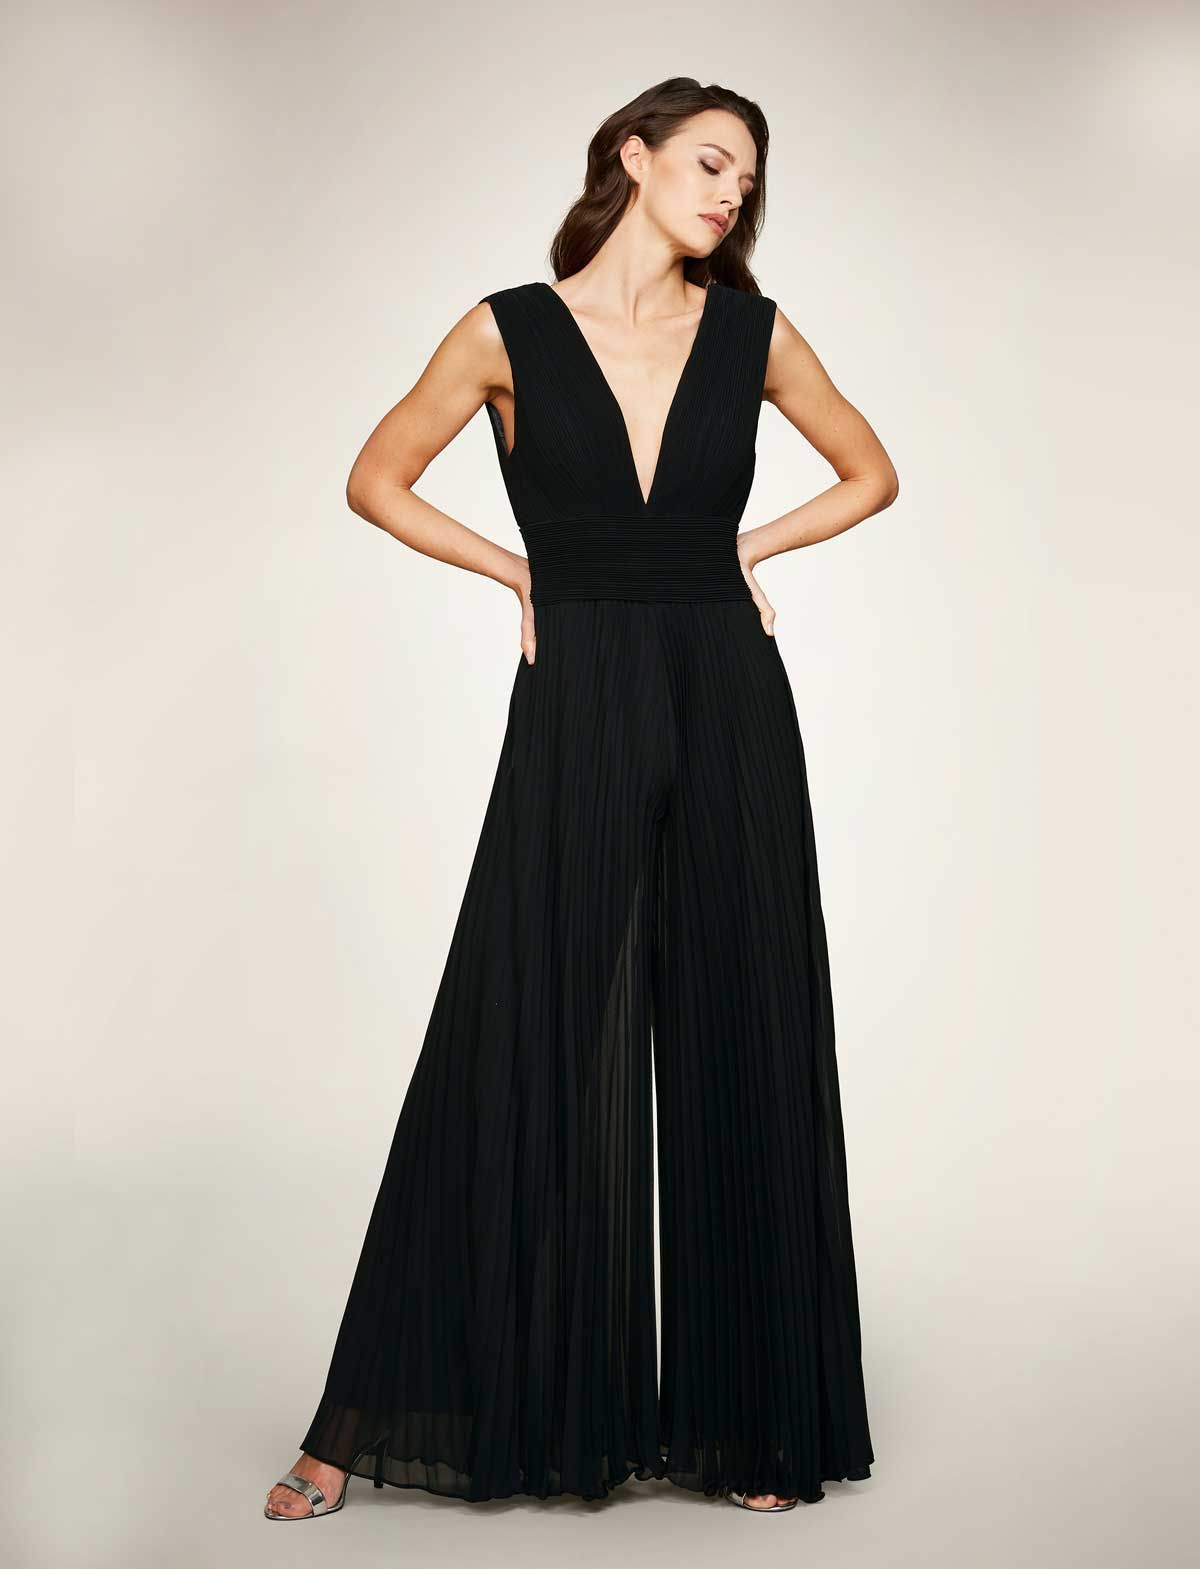 jumpsuit | bella sposa | weite kleider, schwarzes kleid